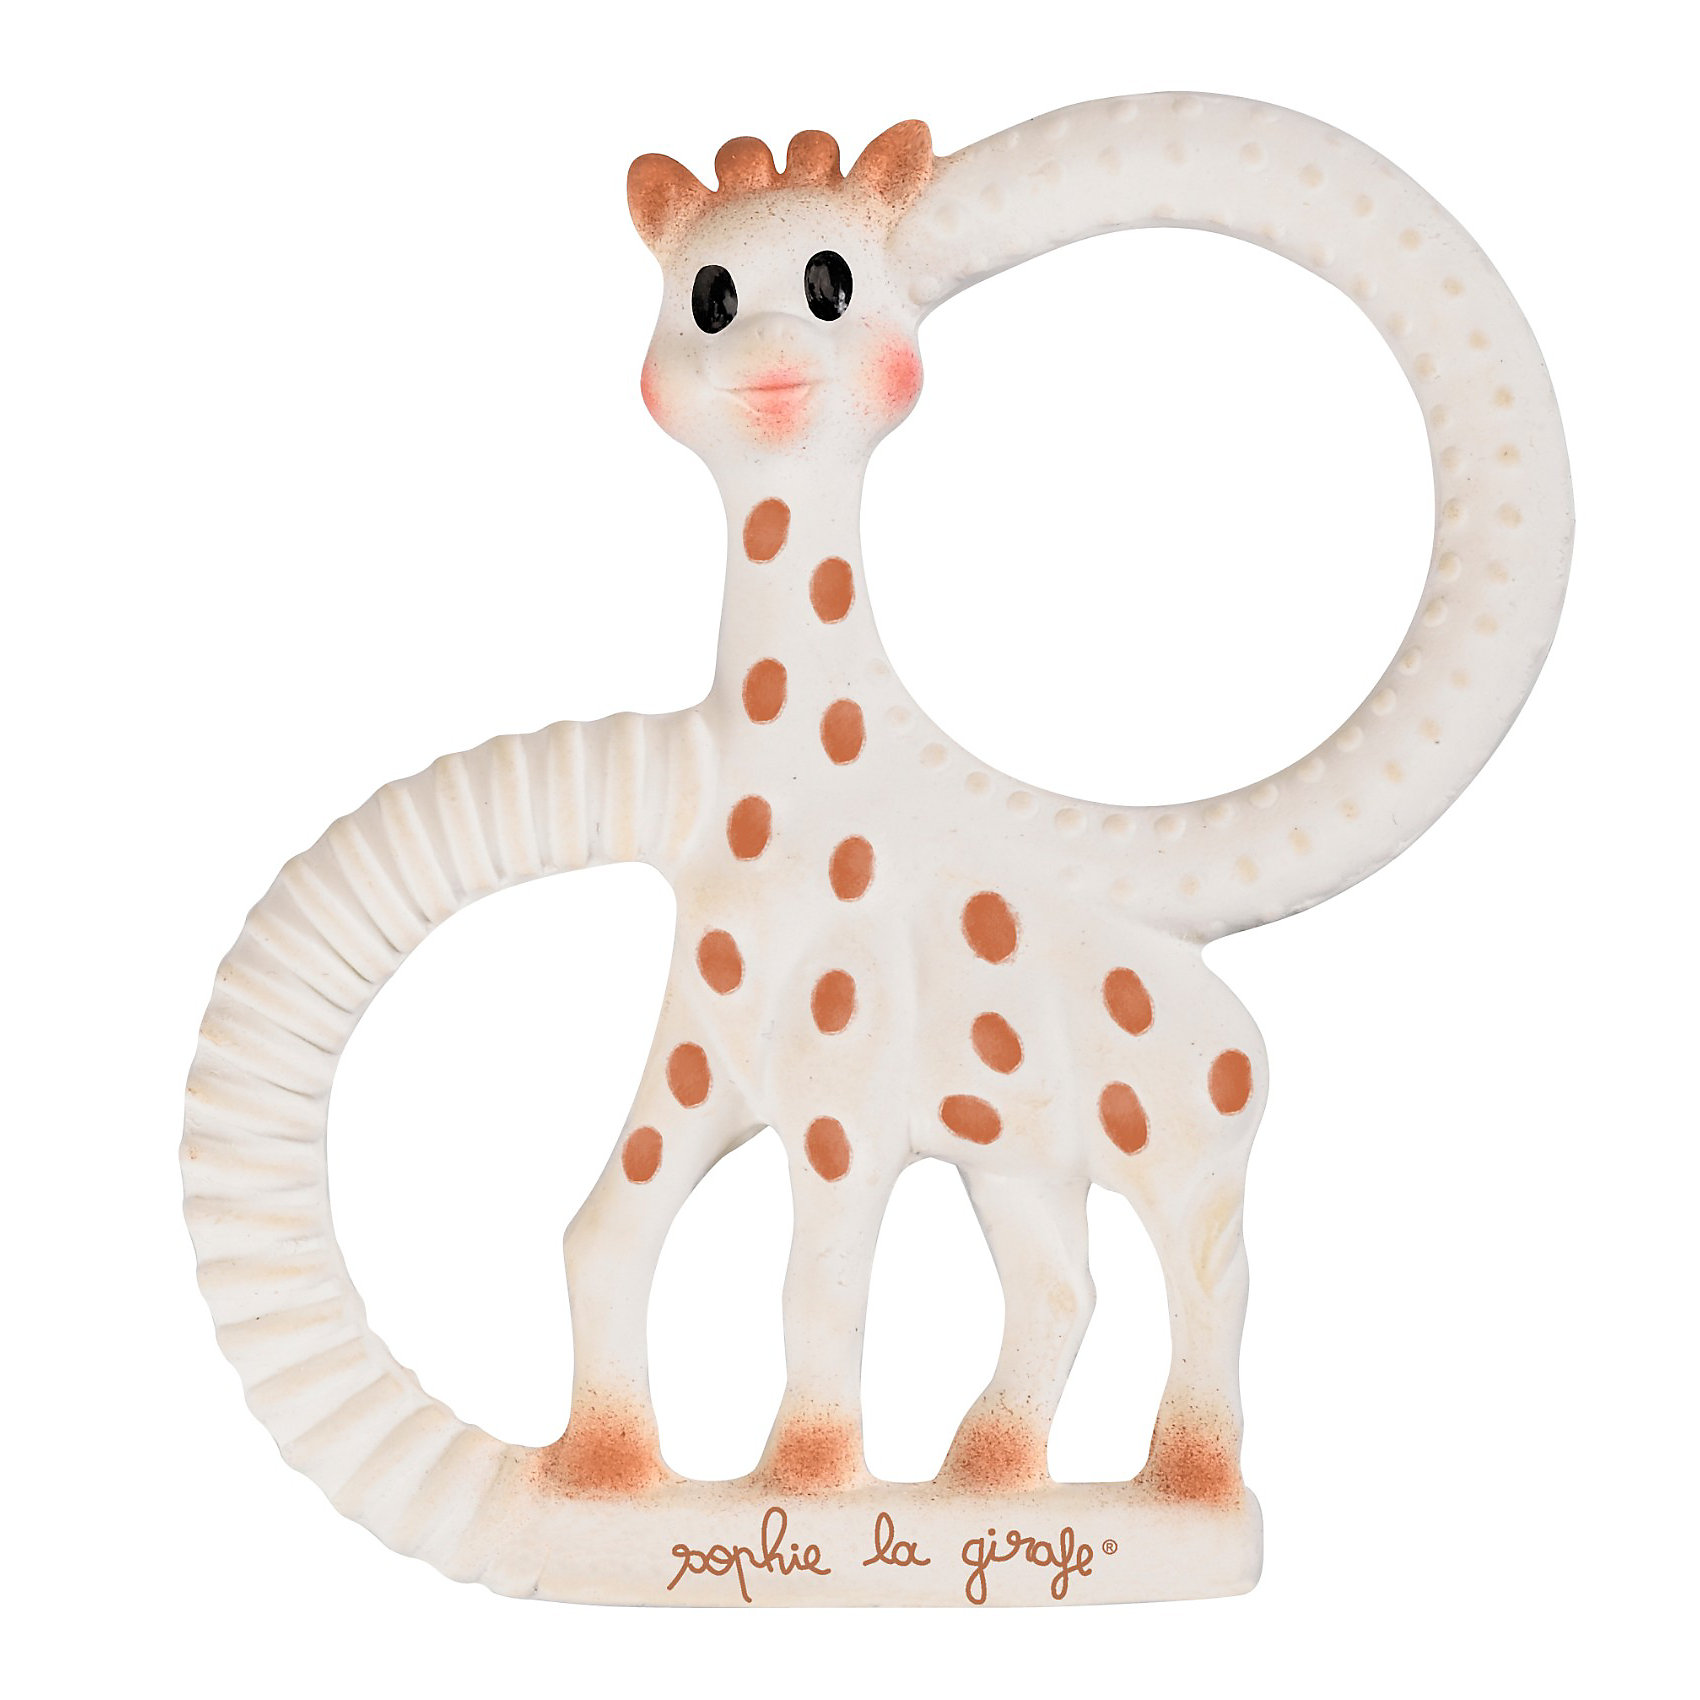 Прорезыватель Жирафик Софи, VulliПрорезыватели<br>Прорезыватель Жирафик Софи, Vulli (Вулли).<br><br>Характеристики:<br><br>• Материал: 100% натуральный каучук<br>• Размер: 12х10 см.<br><br>Миниатюрная версия Жирафика Софи – прекрасное дополнение к основной игрушке. Ребенок может держать прорезыватель двумя или одной рукой за специальные «ручки» по бокам. Форма и размеры ручек прорезывателя идеально подойдут для маленьких ладошек малыша. <br><br>Фактурные элементы жирафика и части, которые можно жевать (уши, рожки, ножки) помогут снять зуд с десен в период прорезывания зубов. Мягкая приятная на ощупь поверхность игрушки успокоит малыша. <br><br>Прорезыватель очень удобно брать с собой во время прогулок или путешествий. Он абсолютно безопасен для ребенка, при производстве используется только пищевая краска и 100% натуральный каучук. Игрушка способствует развитию осязания, обоняния, зрения, моторики и координации.<br><br>Прорезыватель Жирафик Софи, Vulli (Вулли) можно купить в нашем интернет-магазине.<br><br>Ширина мм: 158<br>Глубина мм: 137<br>Высота мм: 50<br>Вес г: 135<br>Возраст от месяцев: 0<br>Возраст до месяцев: 24<br>Пол: Унисекс<br>Возраст: Детский<br>SKU: 2064052